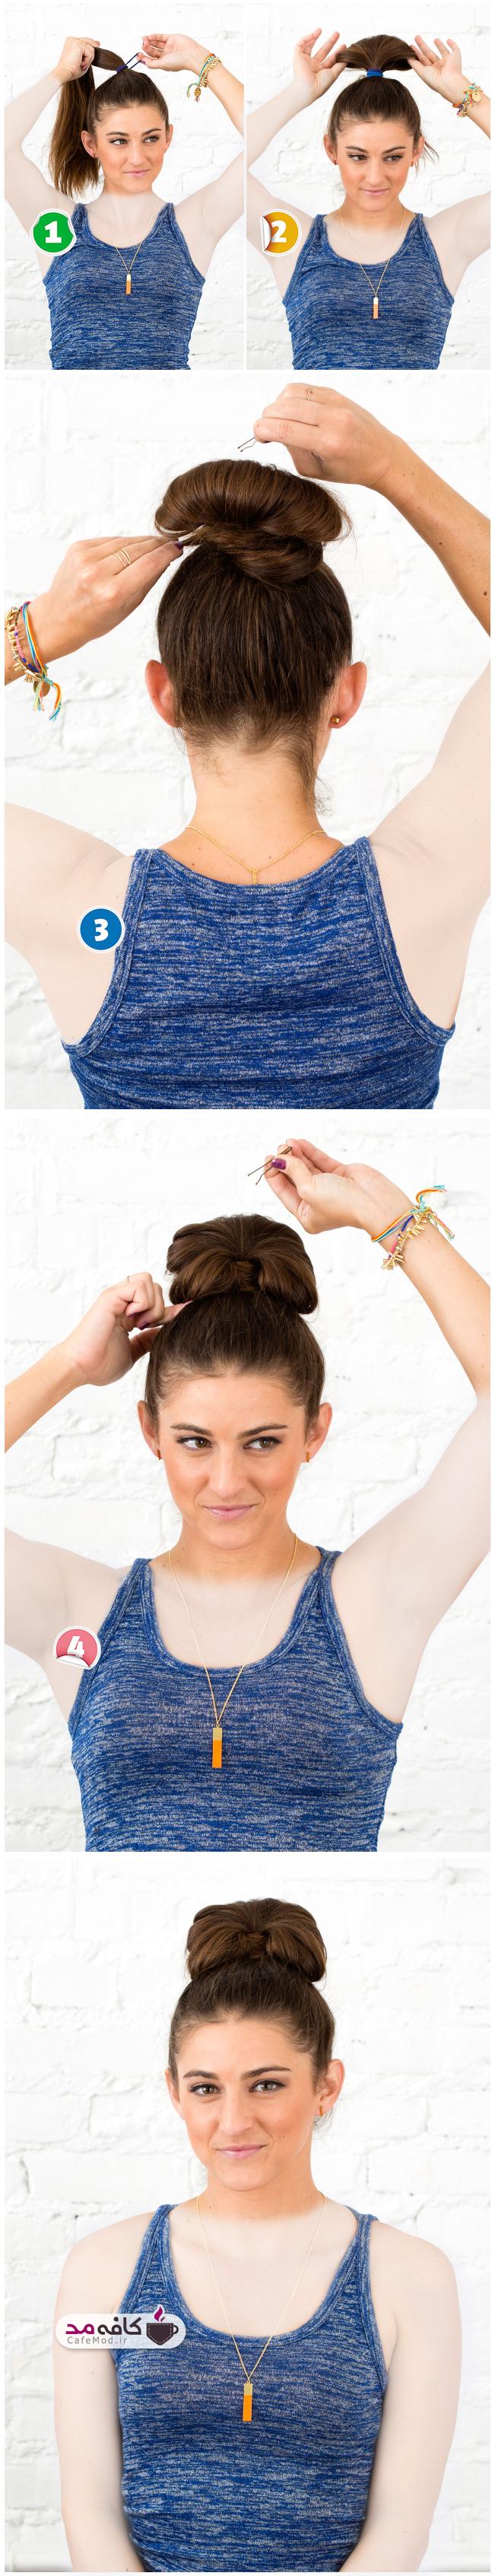 آموزش آرایش موی گوجه ای